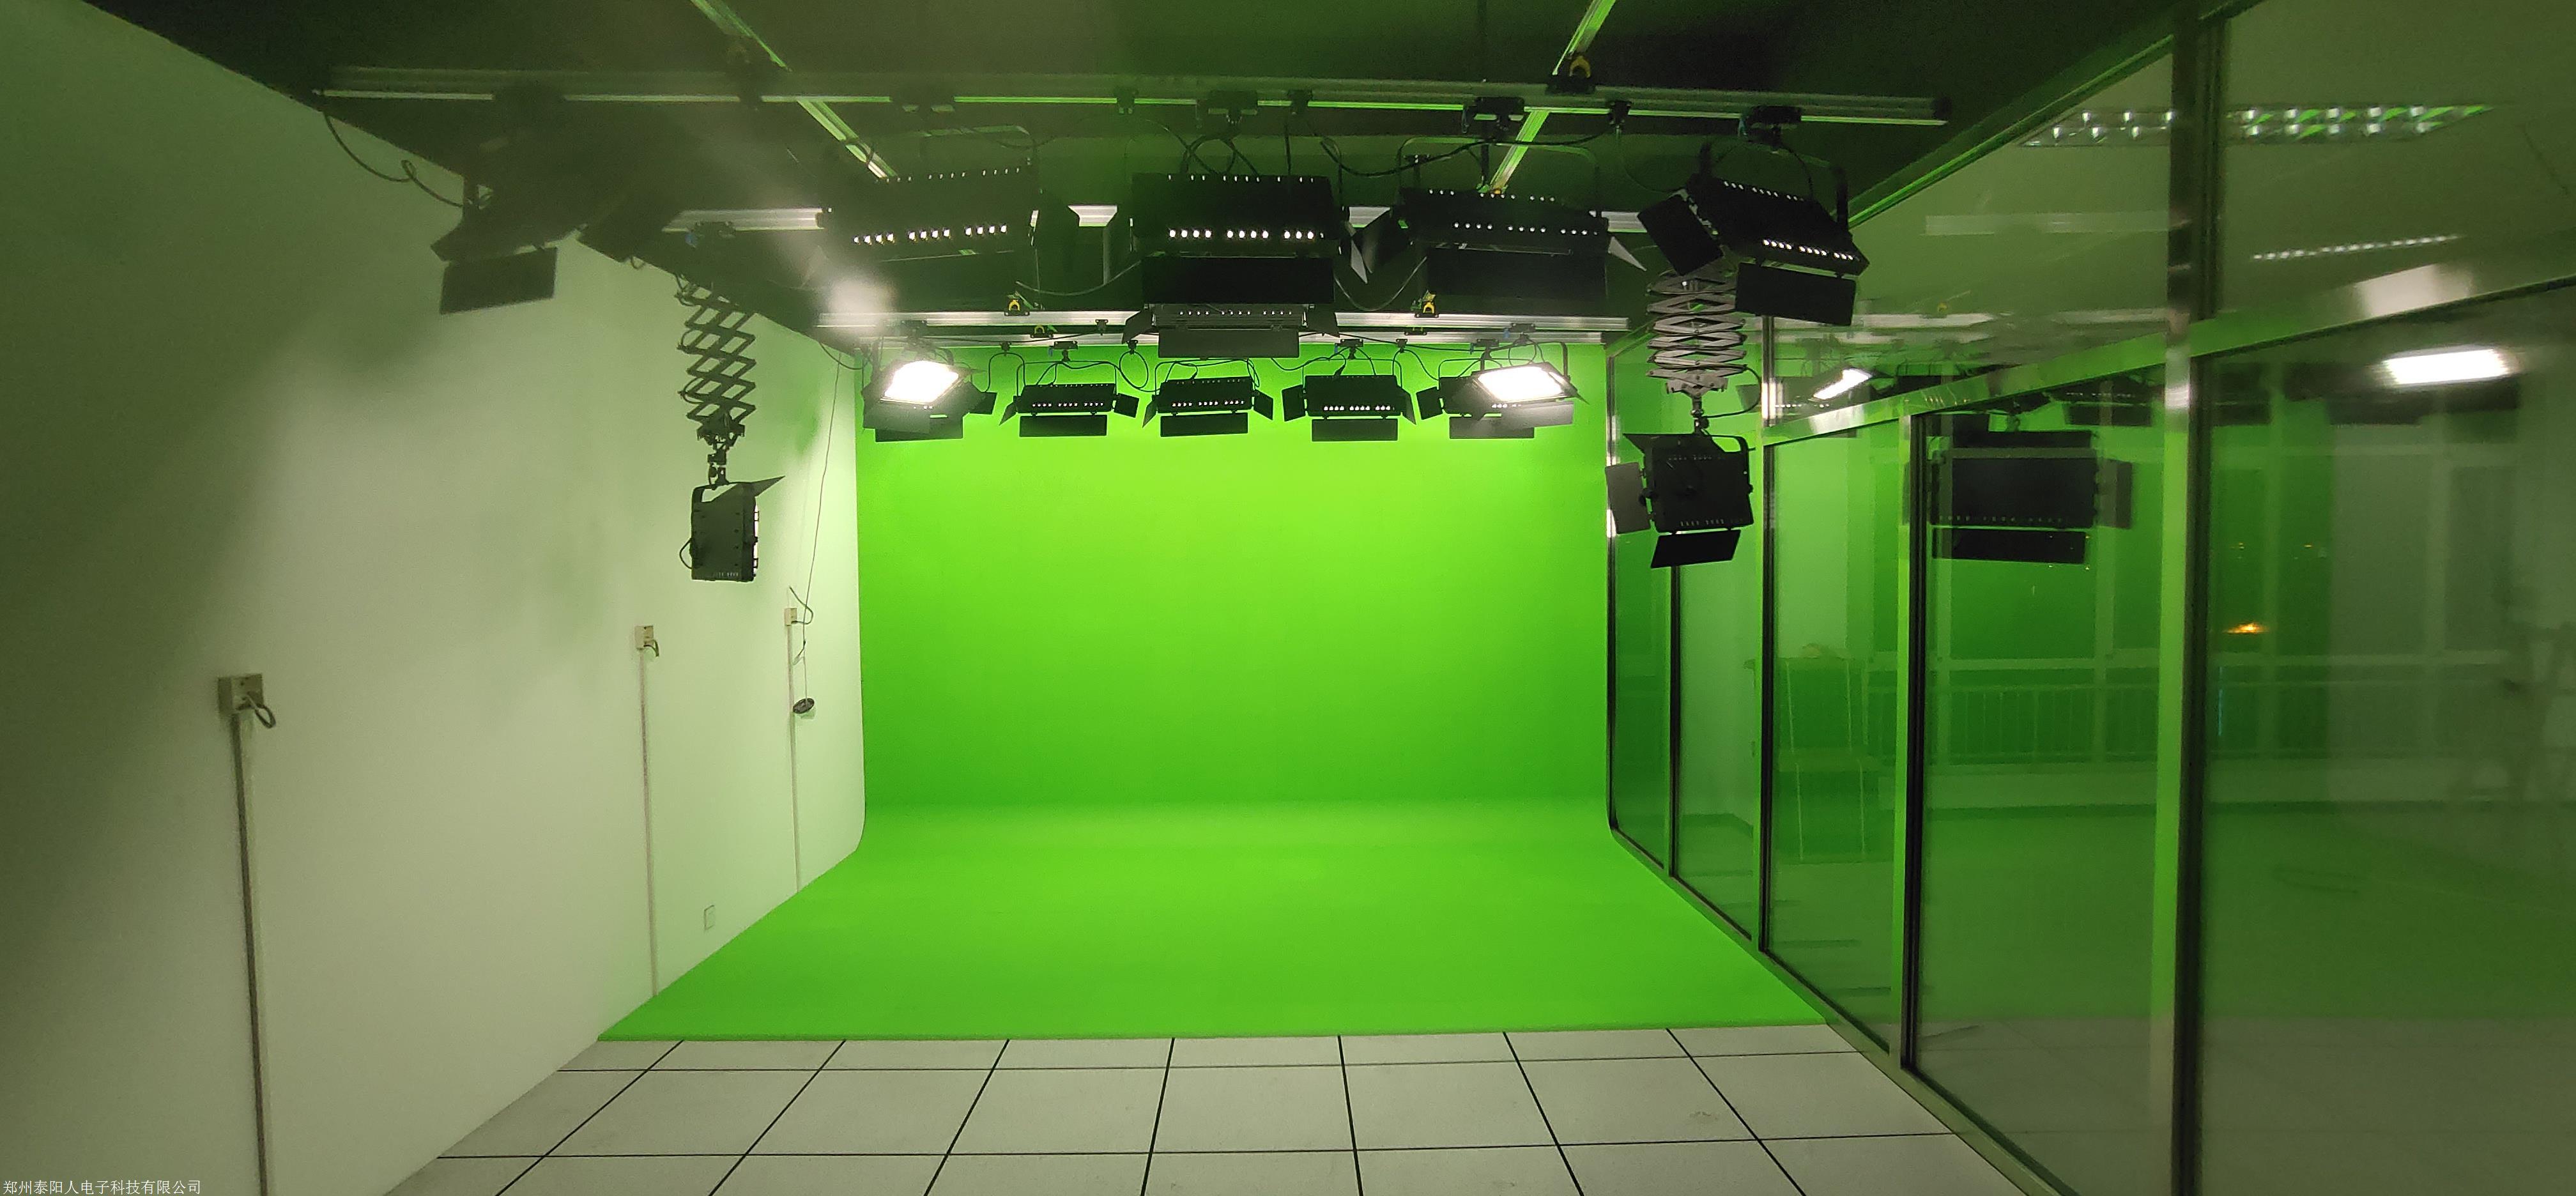 校园电视台设计基本理念(图3)